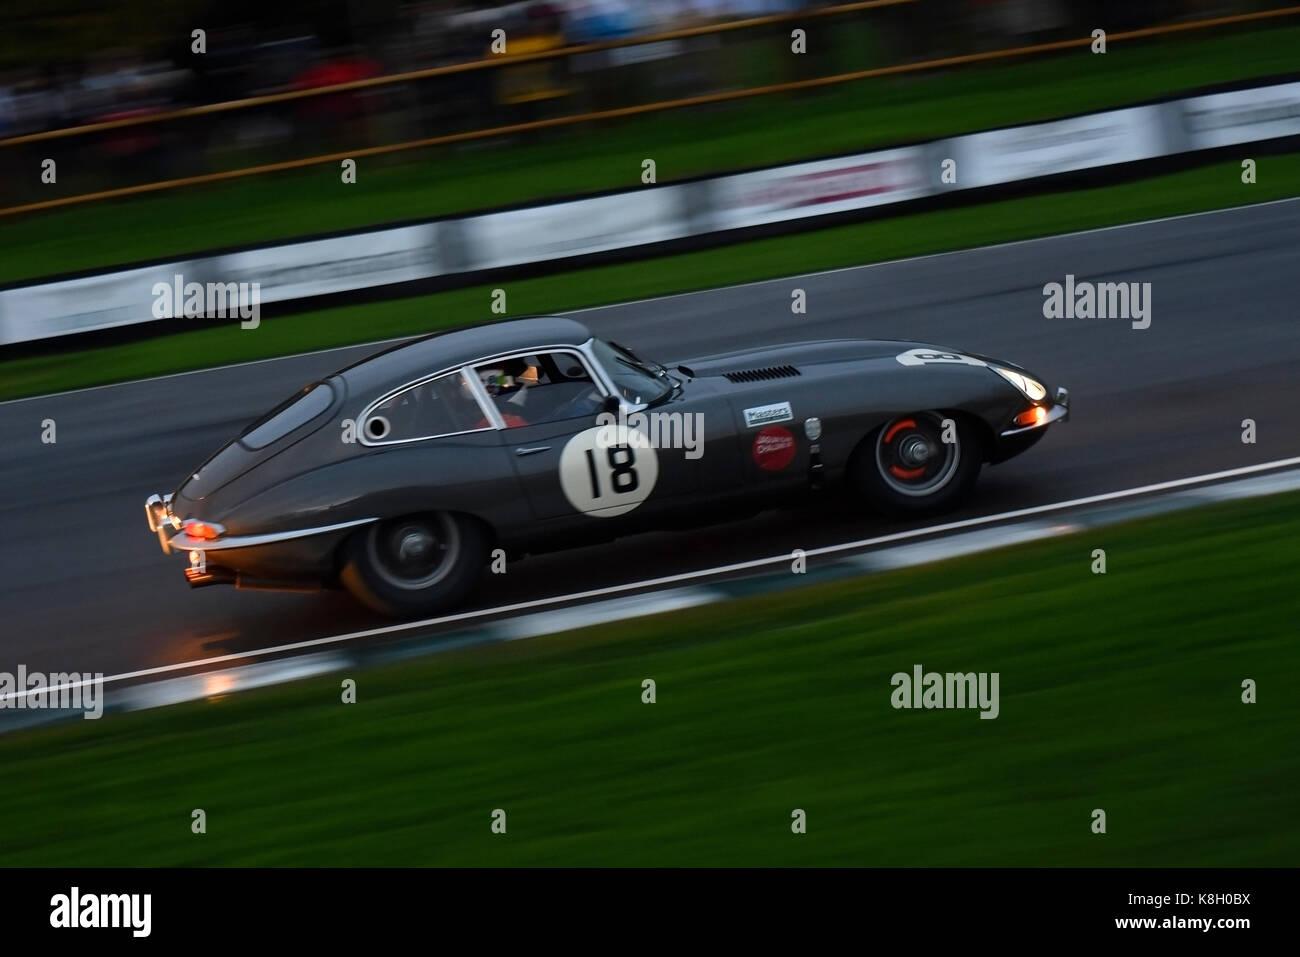 Race Car Brakes Stock Photos Amp Race Car Brakes Stock Images Alamy